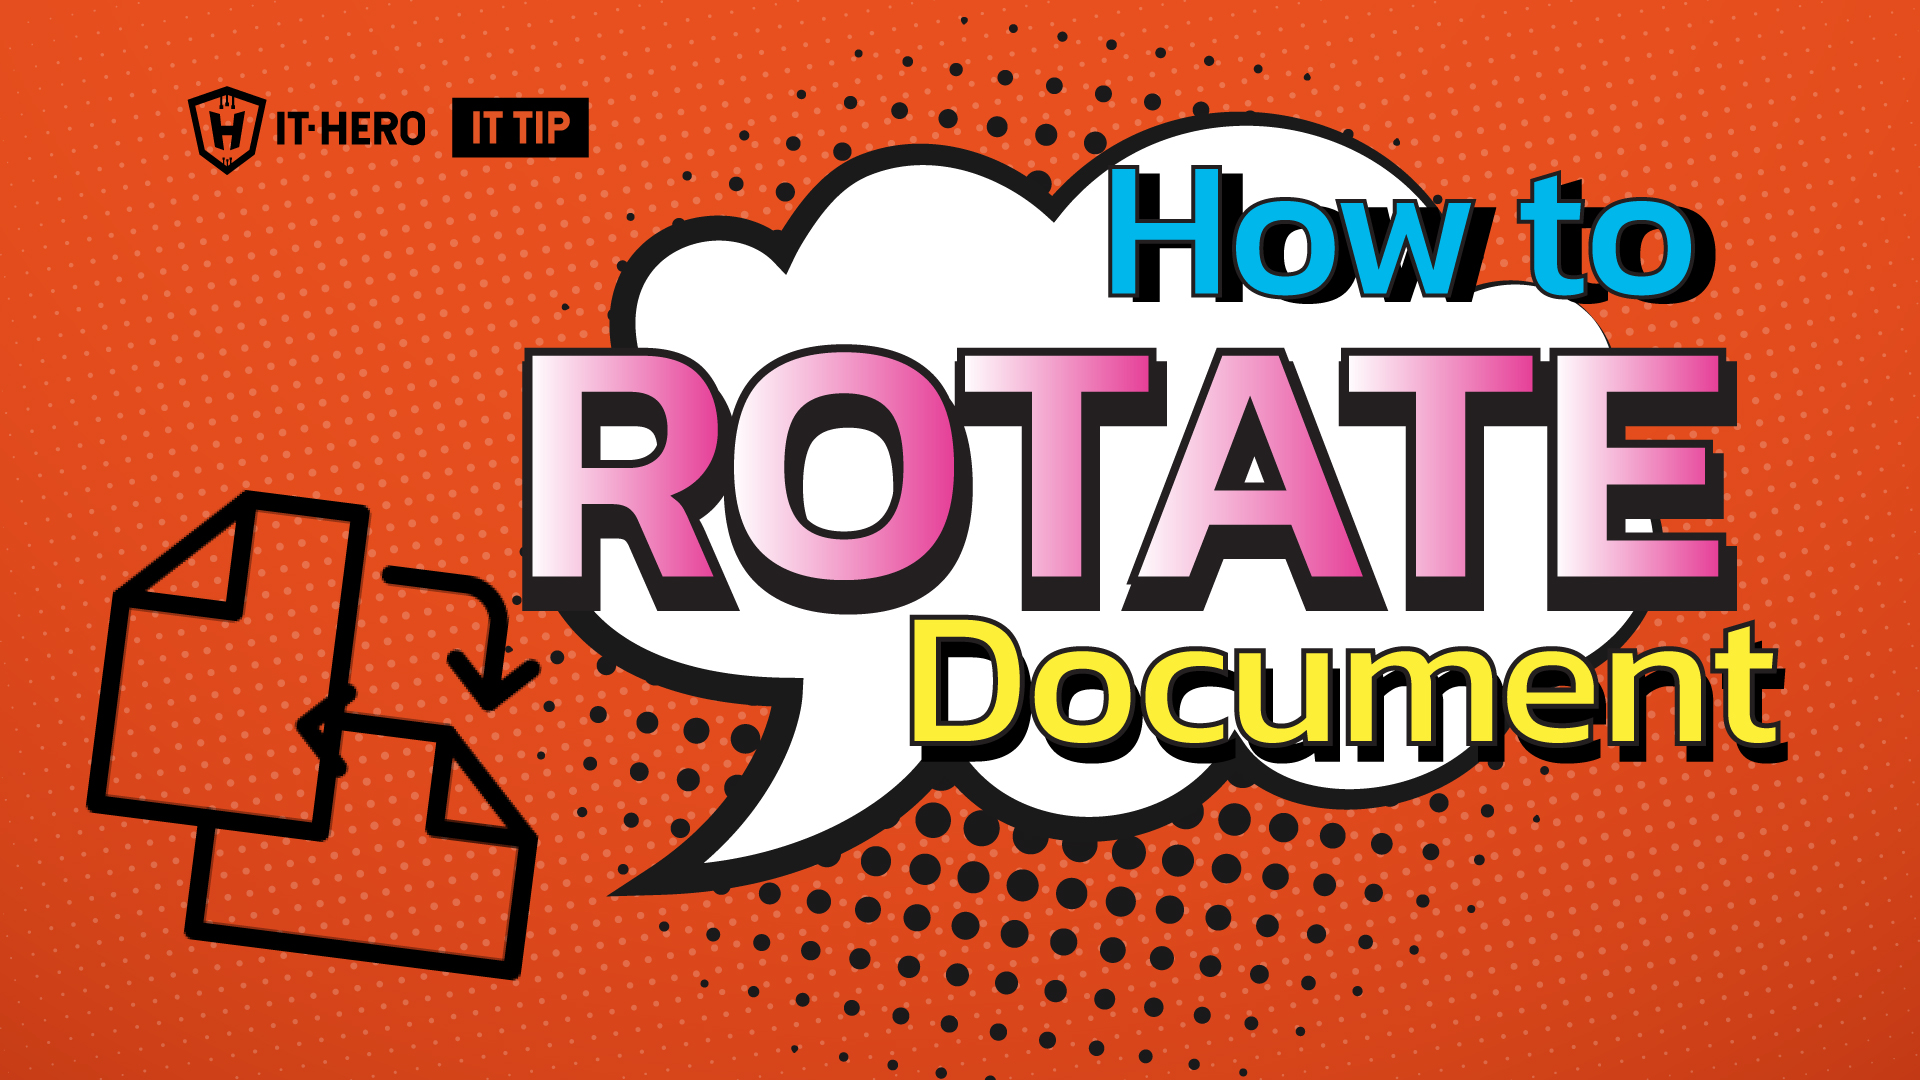 วิธีทำหน้าสลับแนวตั้งและแนวขวางใน Microsoft Word ทำอย่างไร